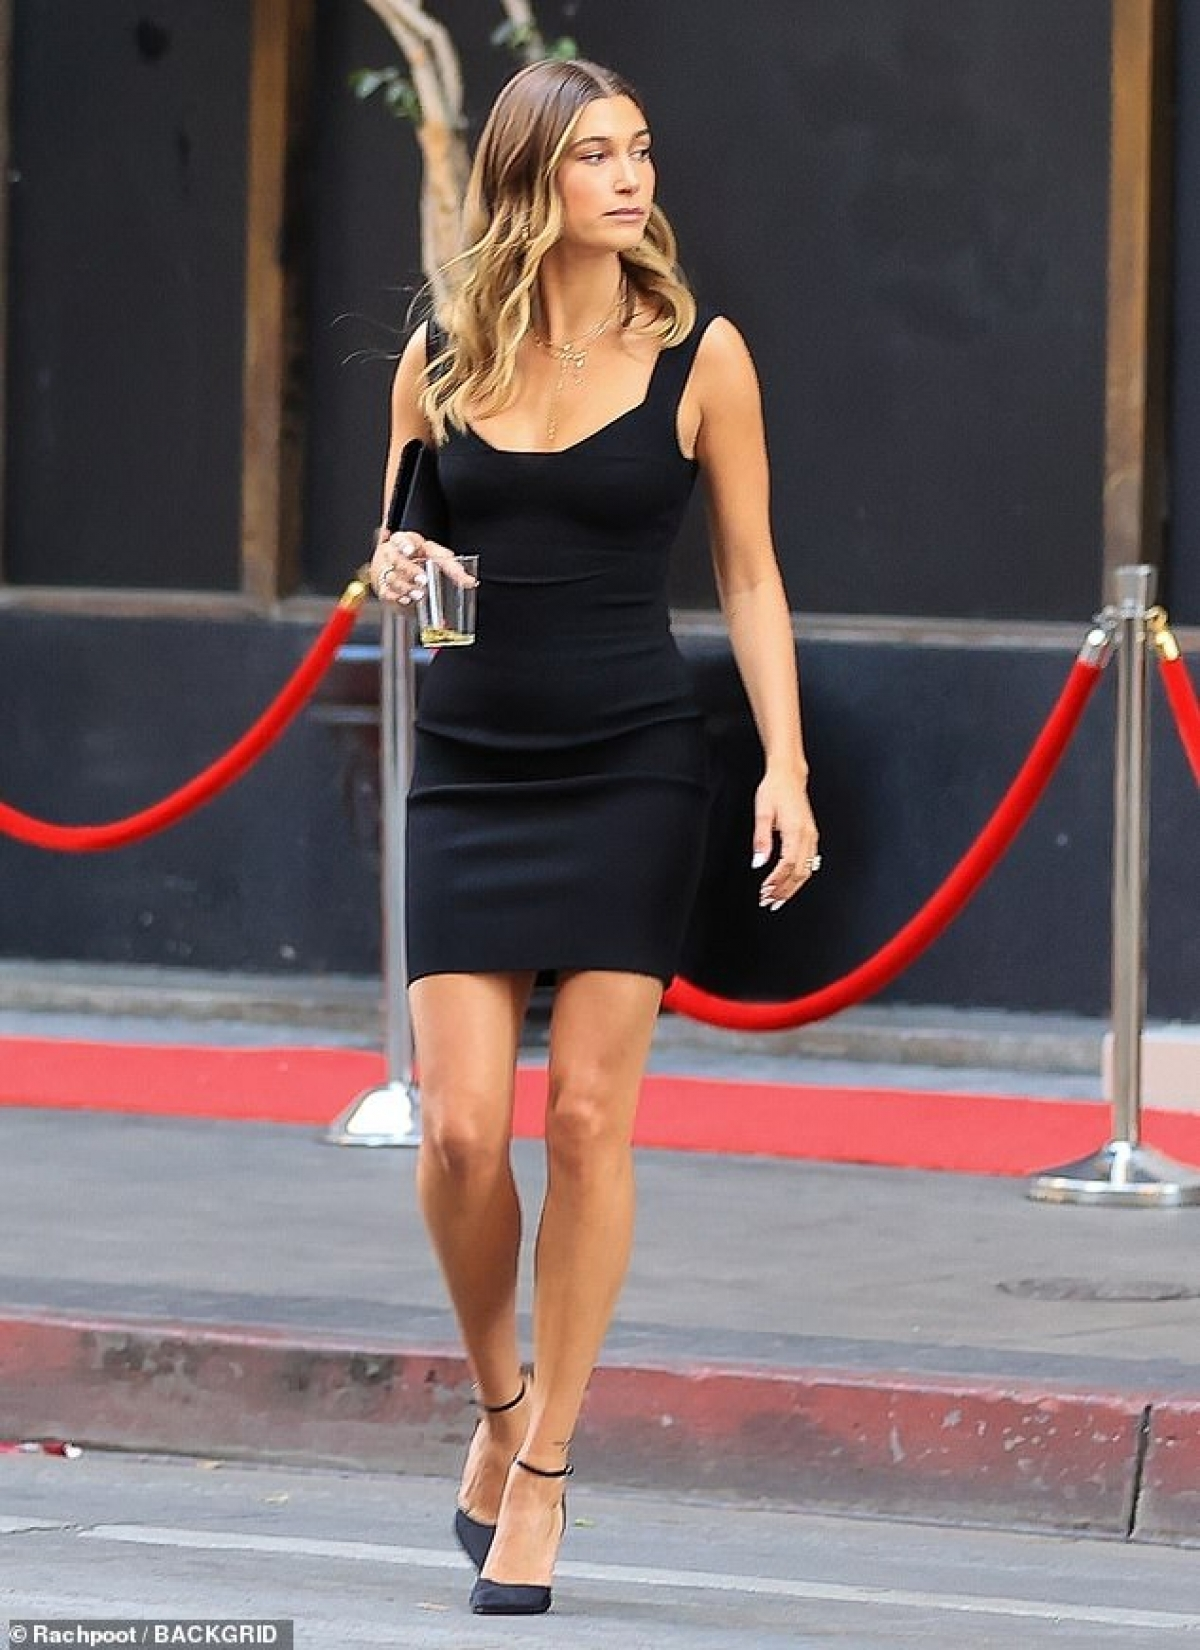 Trong khi đó, Hailey Baldwin mặc đầm đen gợi cảm, khoe body nóng bỏng.